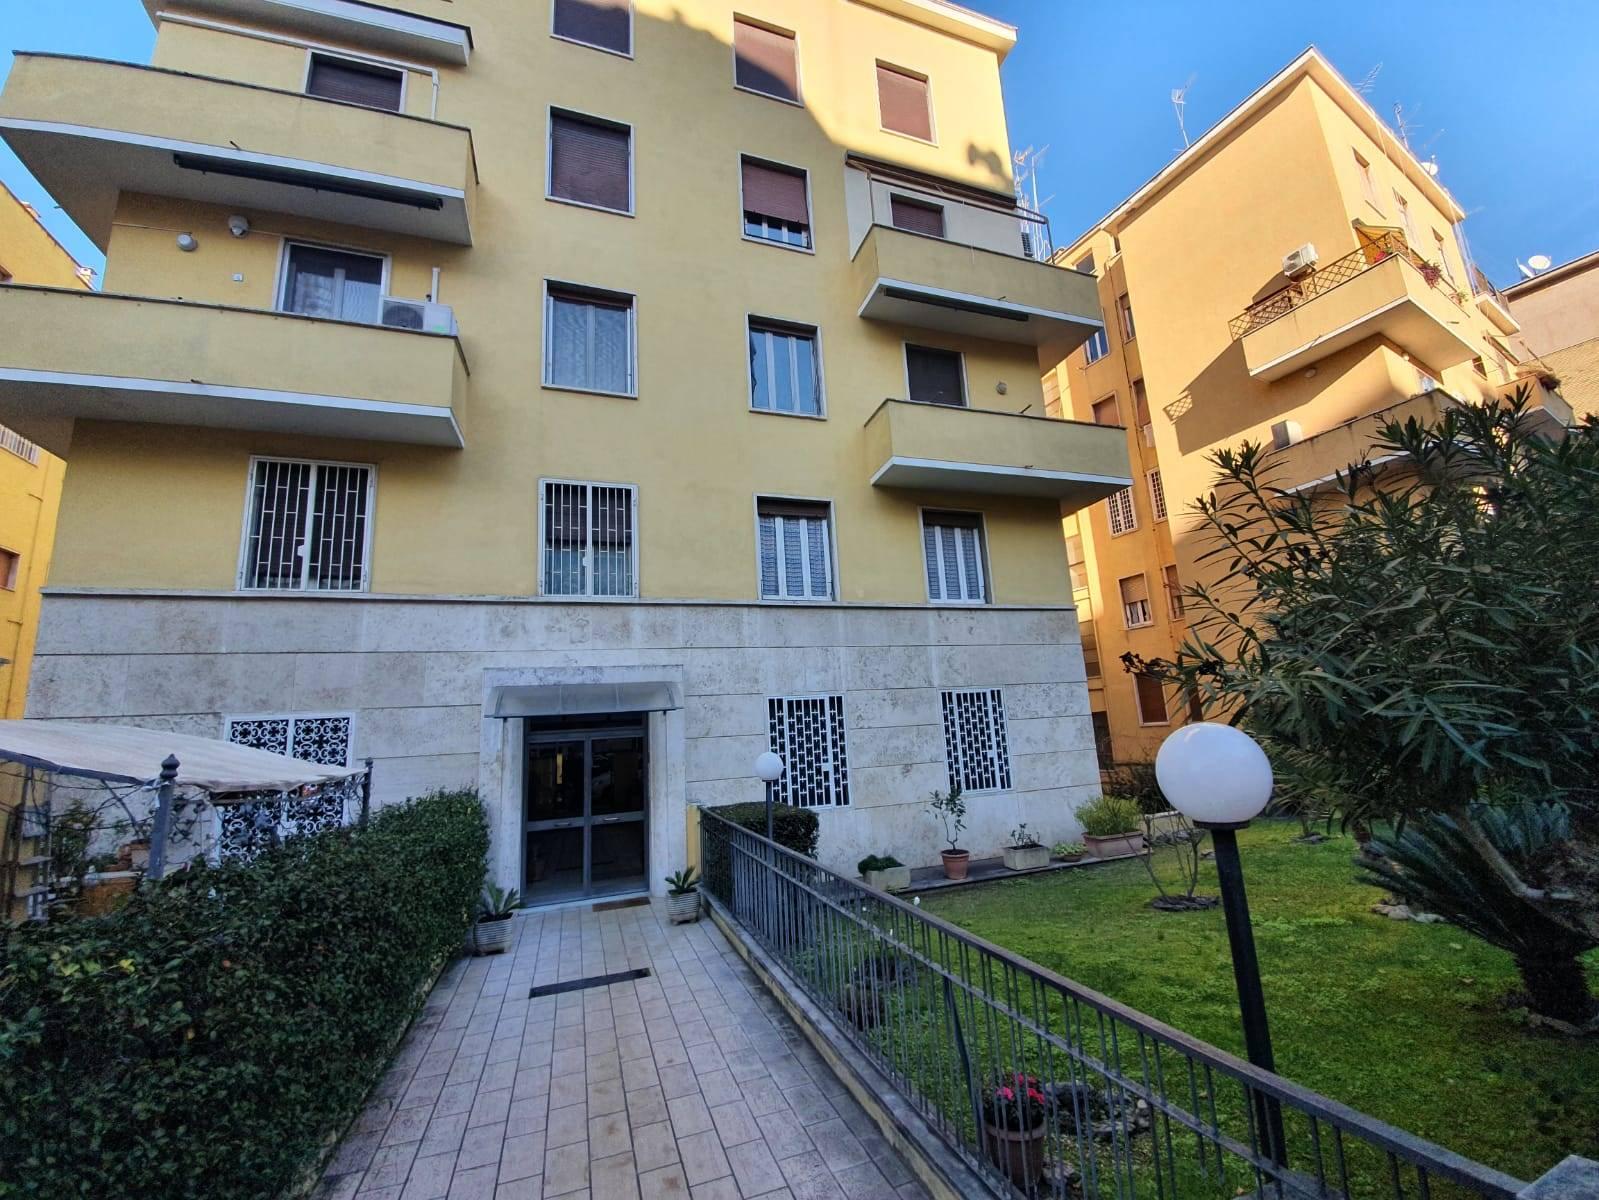 Balduina Via delle Medaglie D'oro a 300 mt da Piazzale della Balduina e a 3 km dall'Ospedale Gemelli proponiamo in affitto delizioso bilocale di 65